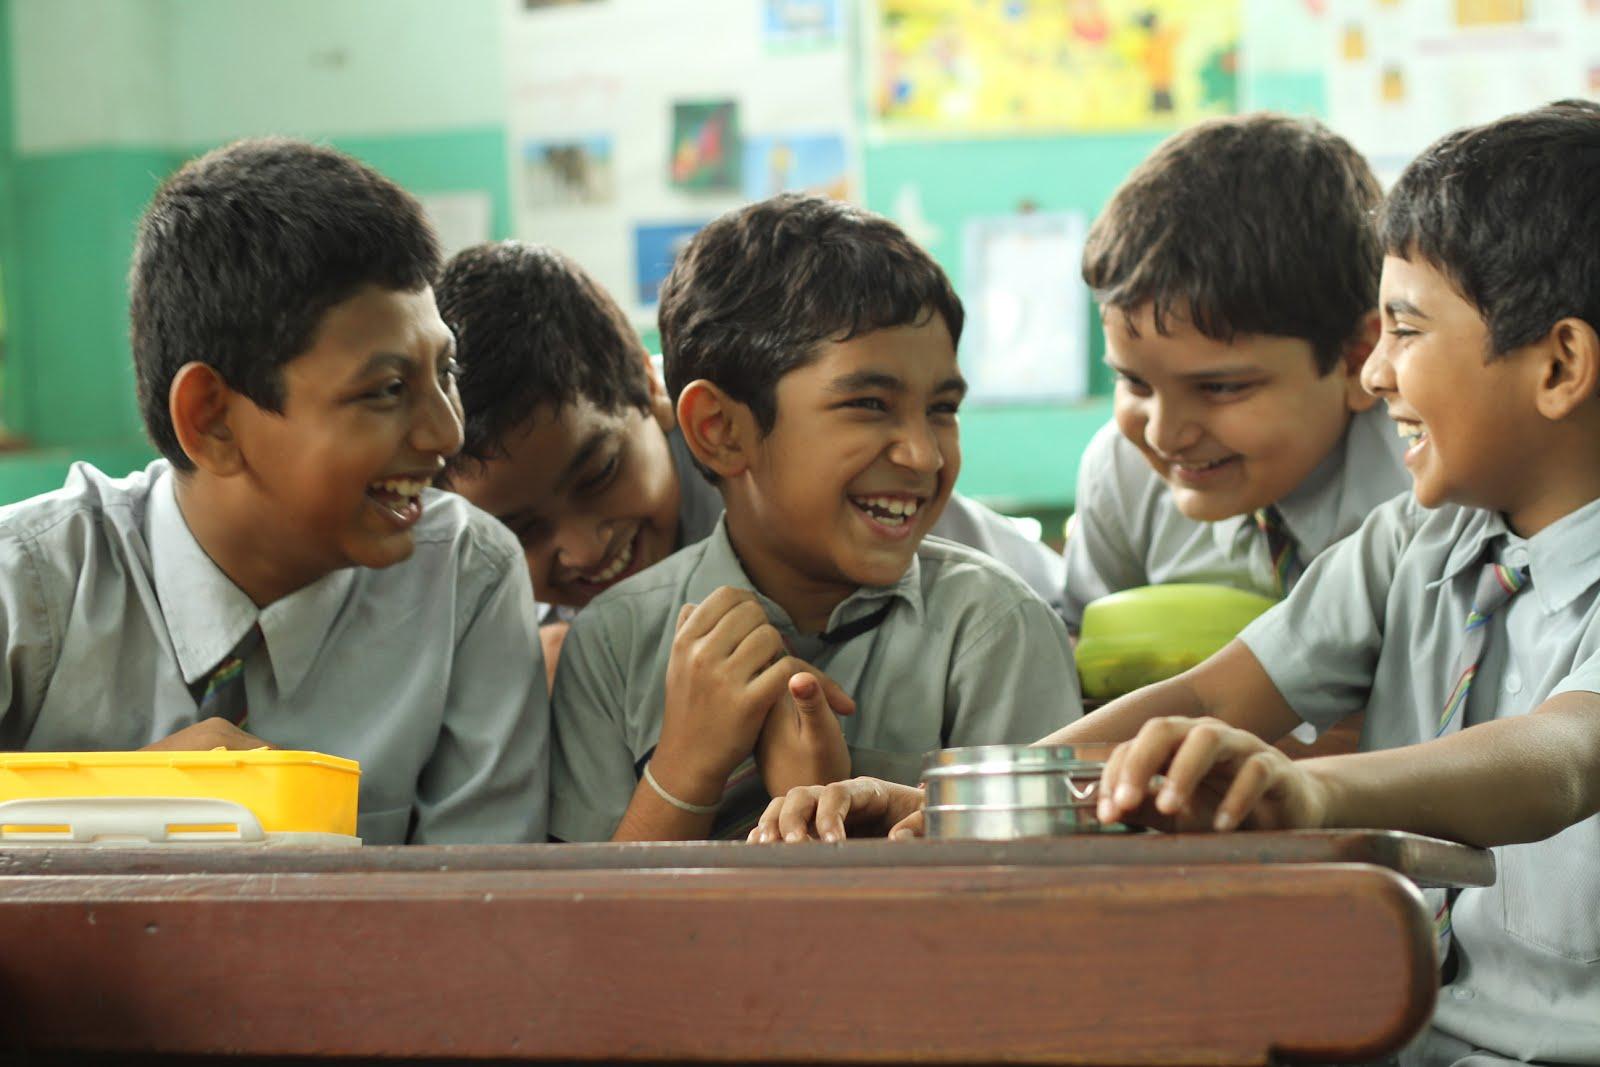 寶萊塢全才導演阿莫爾古普特自編自導新作 《史丹利的便當盒》甜蜜溫馨讓你回味 - WoWoNews